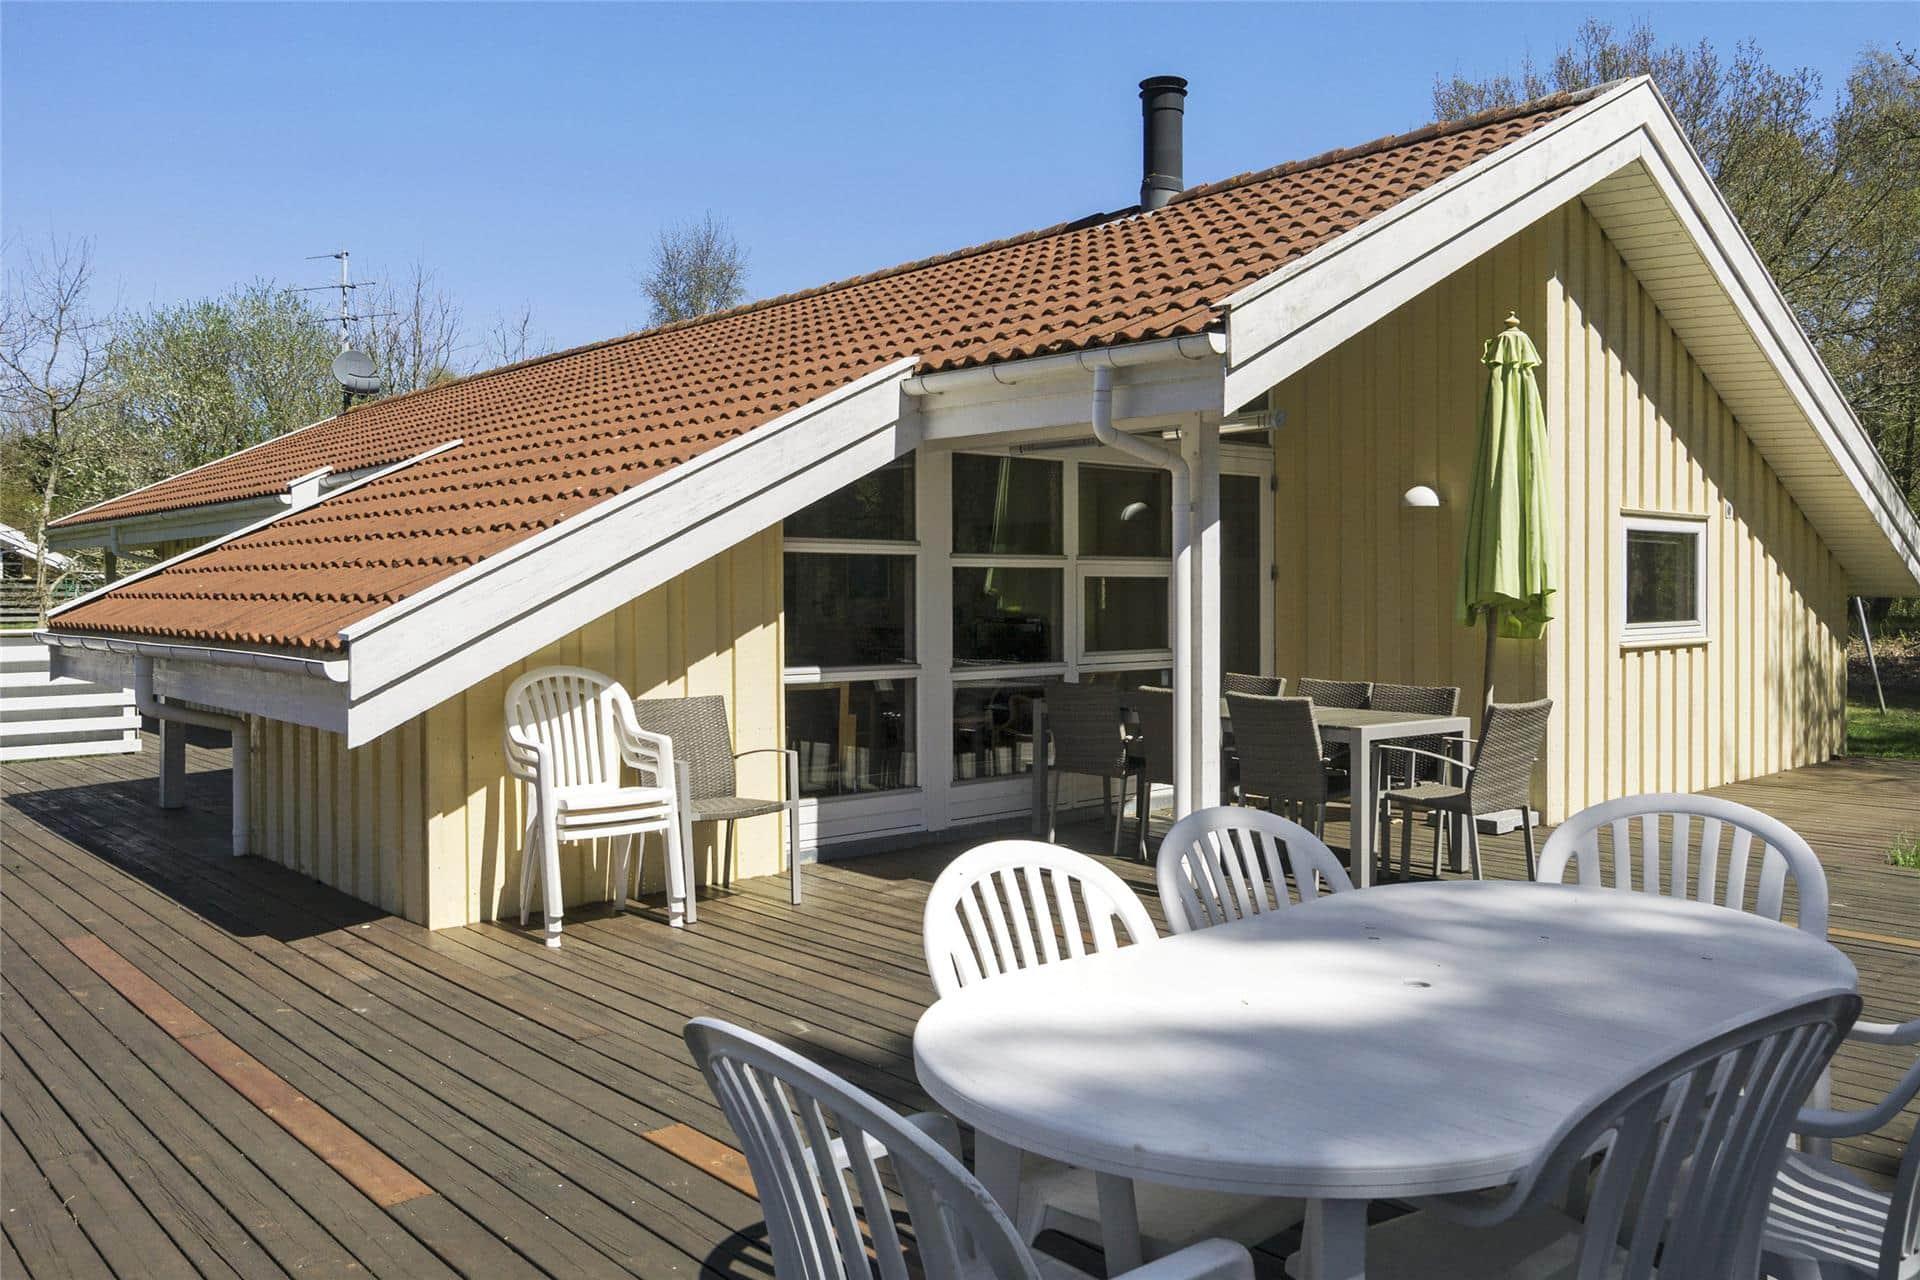 Bild 1-10 Ferienhaus 1532, Strandparken 9, DK - 3720 Aakirkeby